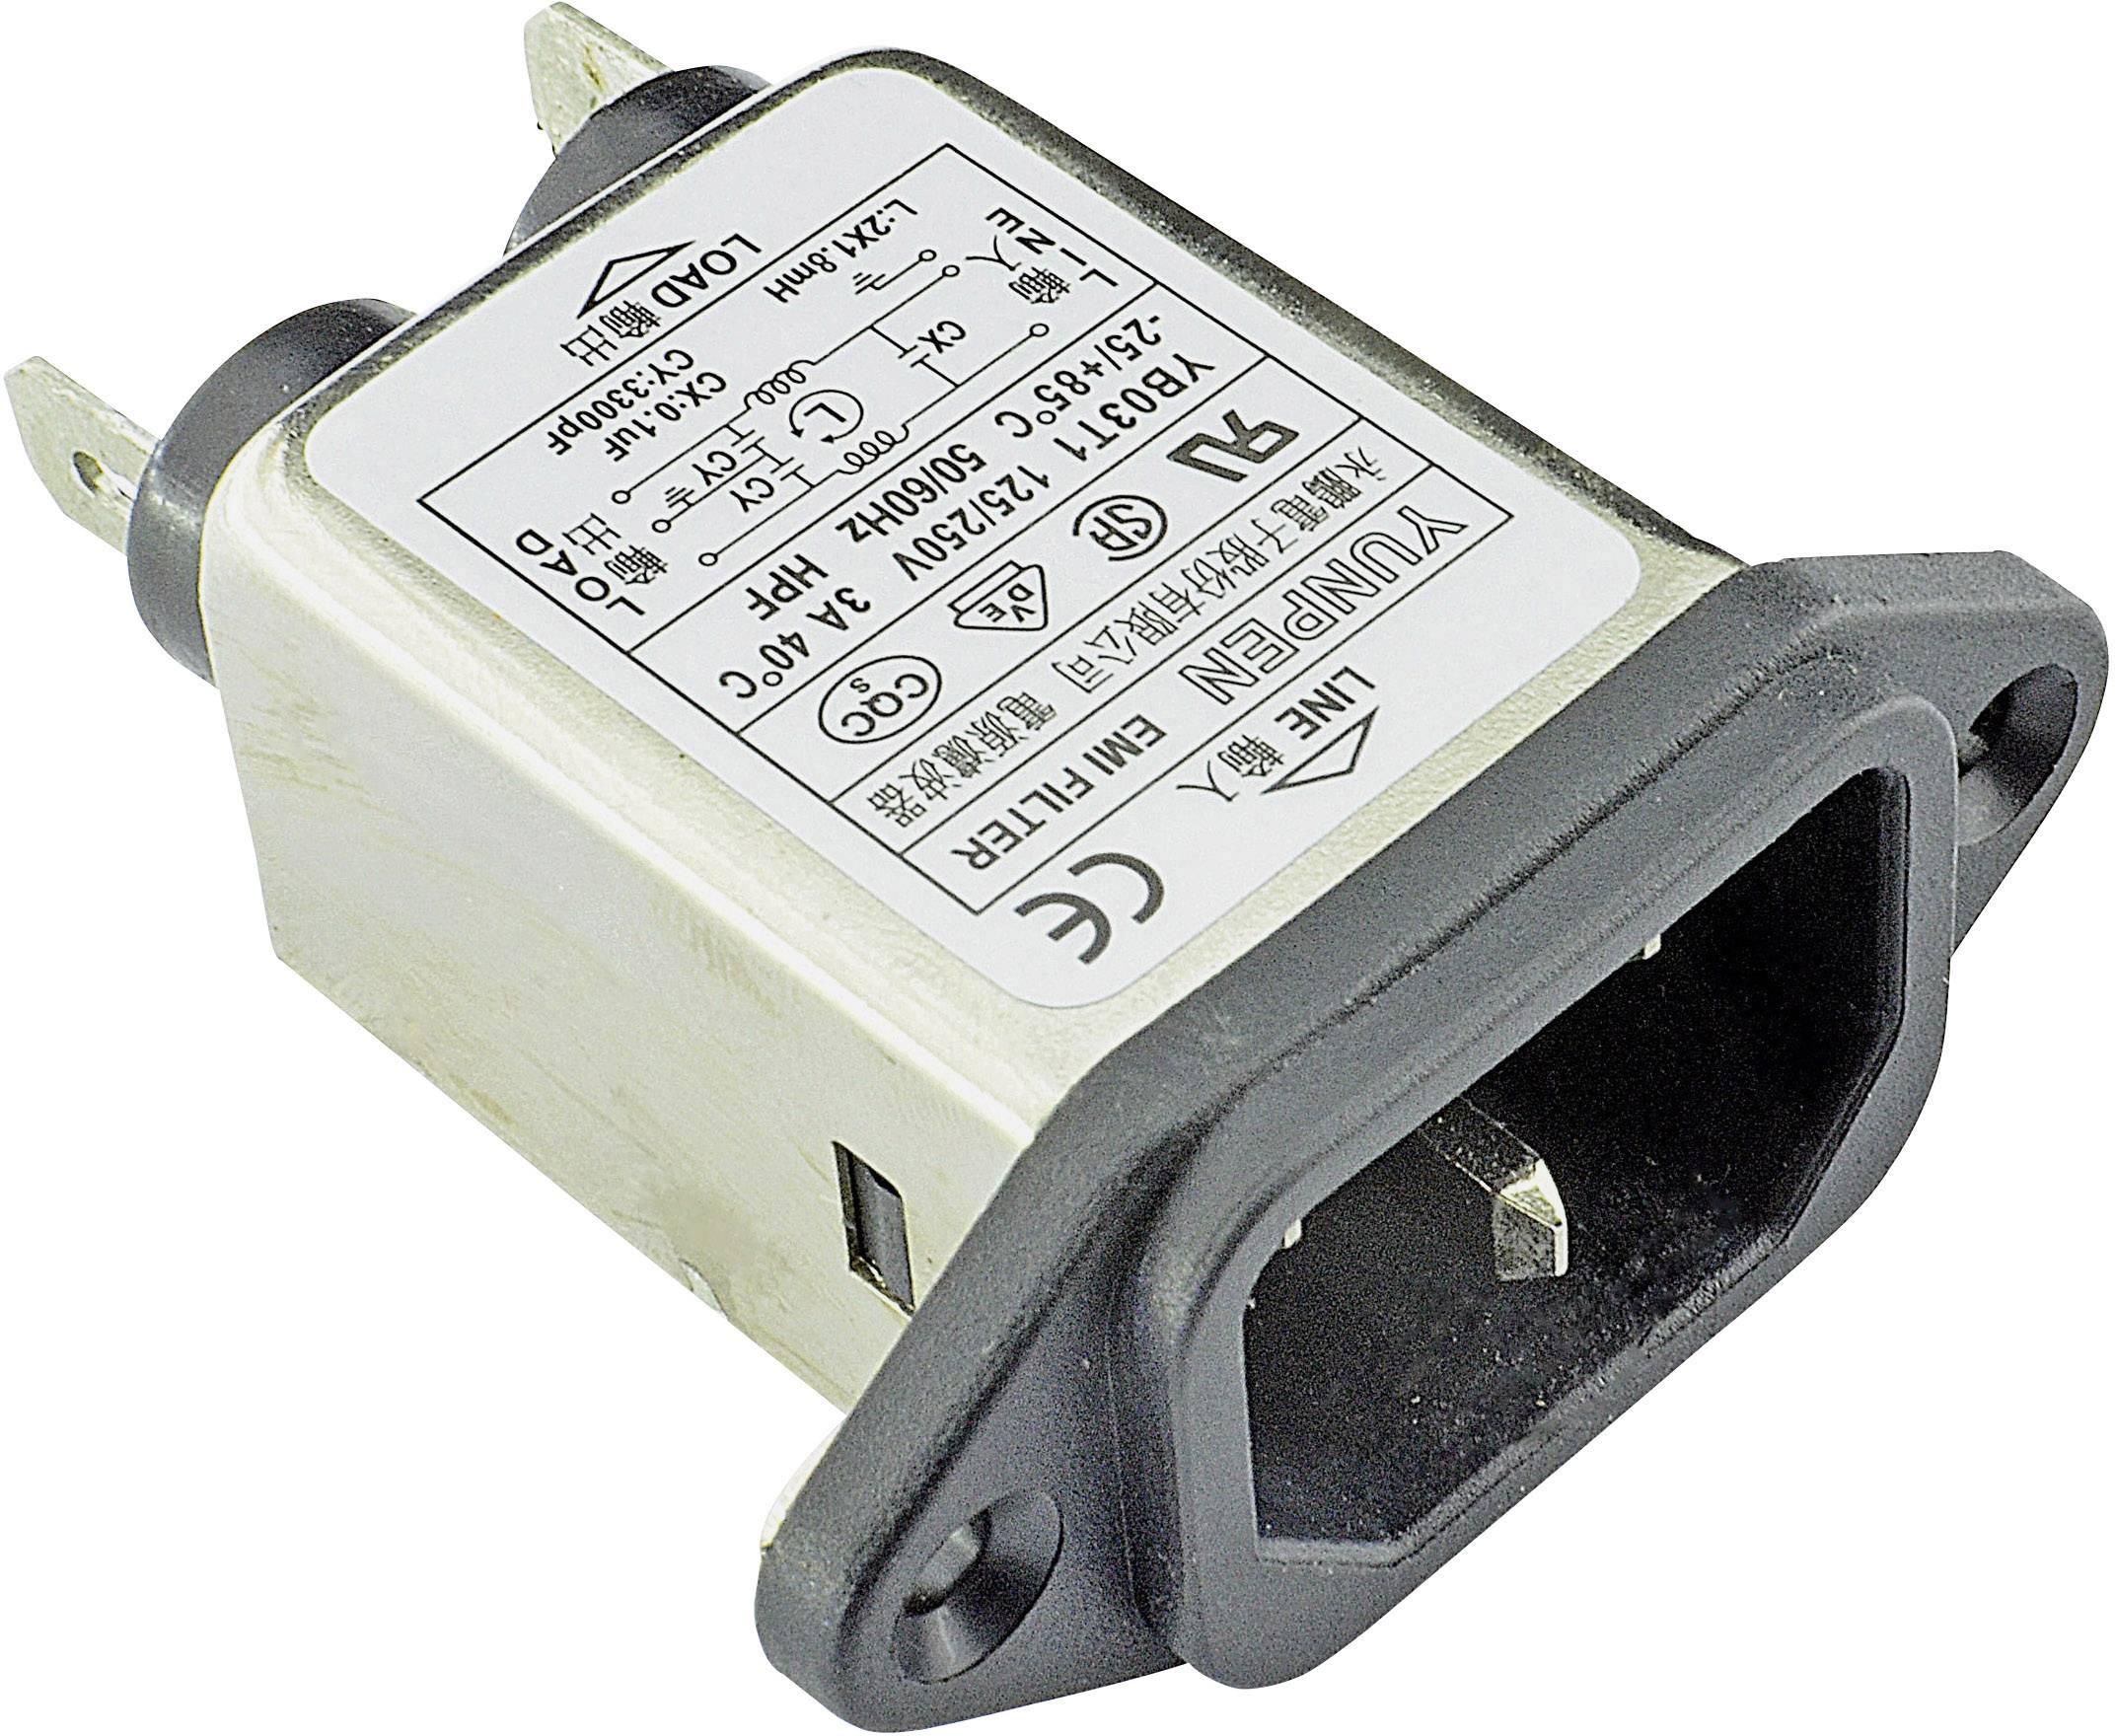 Sieťový filter Yunpen YB03T1 515442, s IEC zásuvkou, 250 V/AC, 3 A, 1.8 mH, (d x š x v) 57 x 25.25 x 52.3 mm, 1 ks